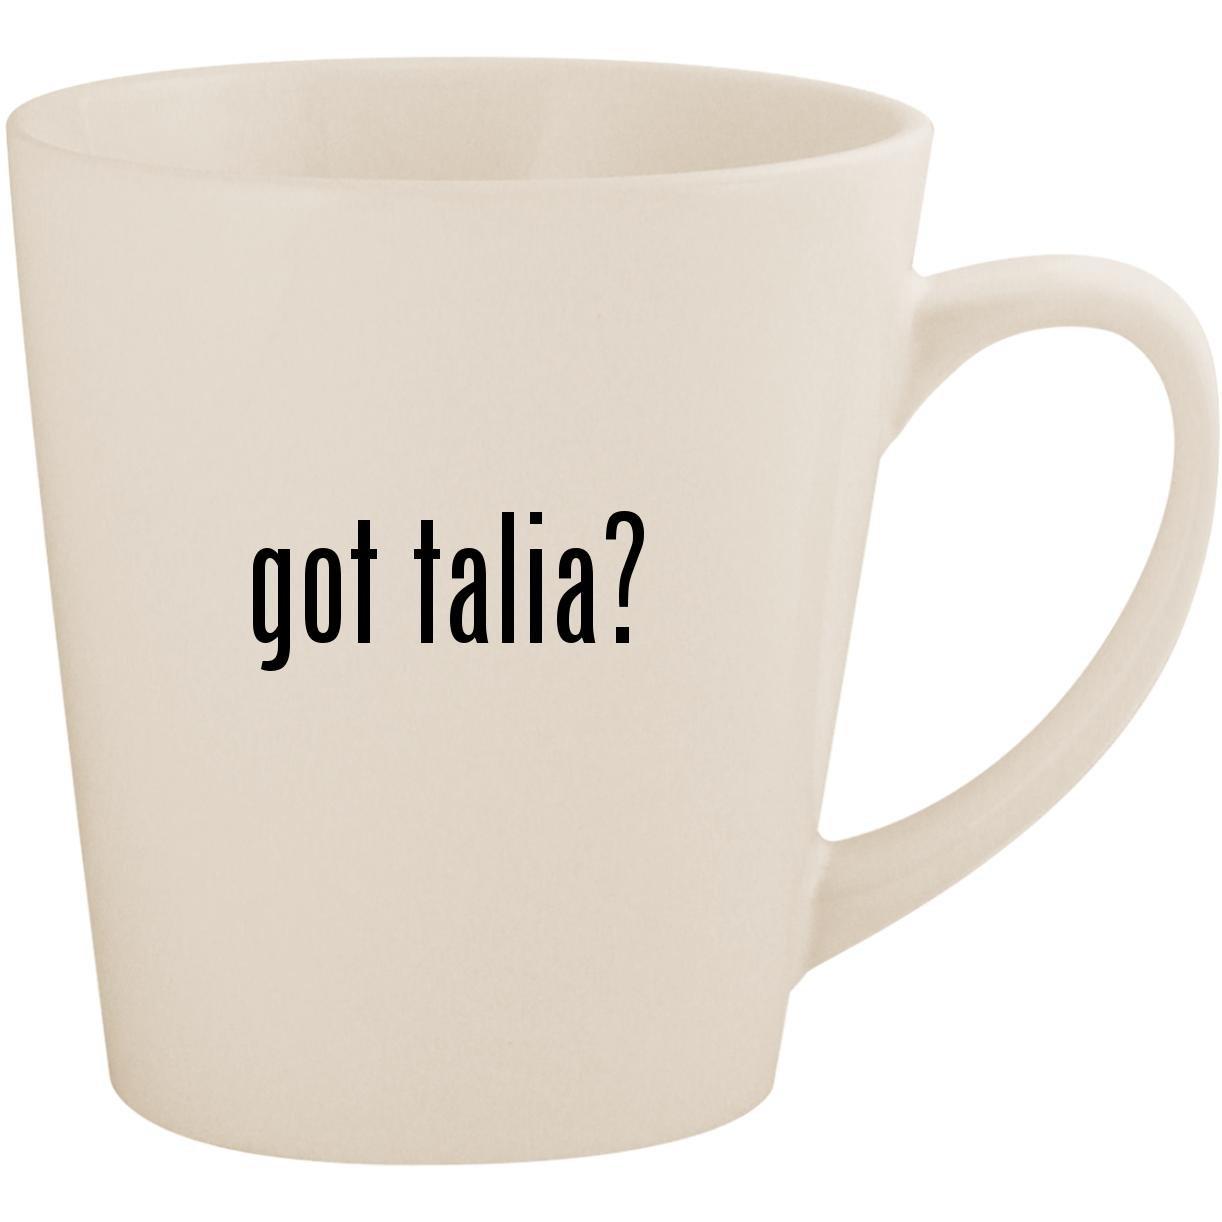 【同梱不可】 Got Talia – ホワイト12oz Ceramic Cup Got Mug Latte Mug Cup B0742PZBQX, 大きいサイズ レディースGoldJapan:5594079e --- movellplanejado.com.br